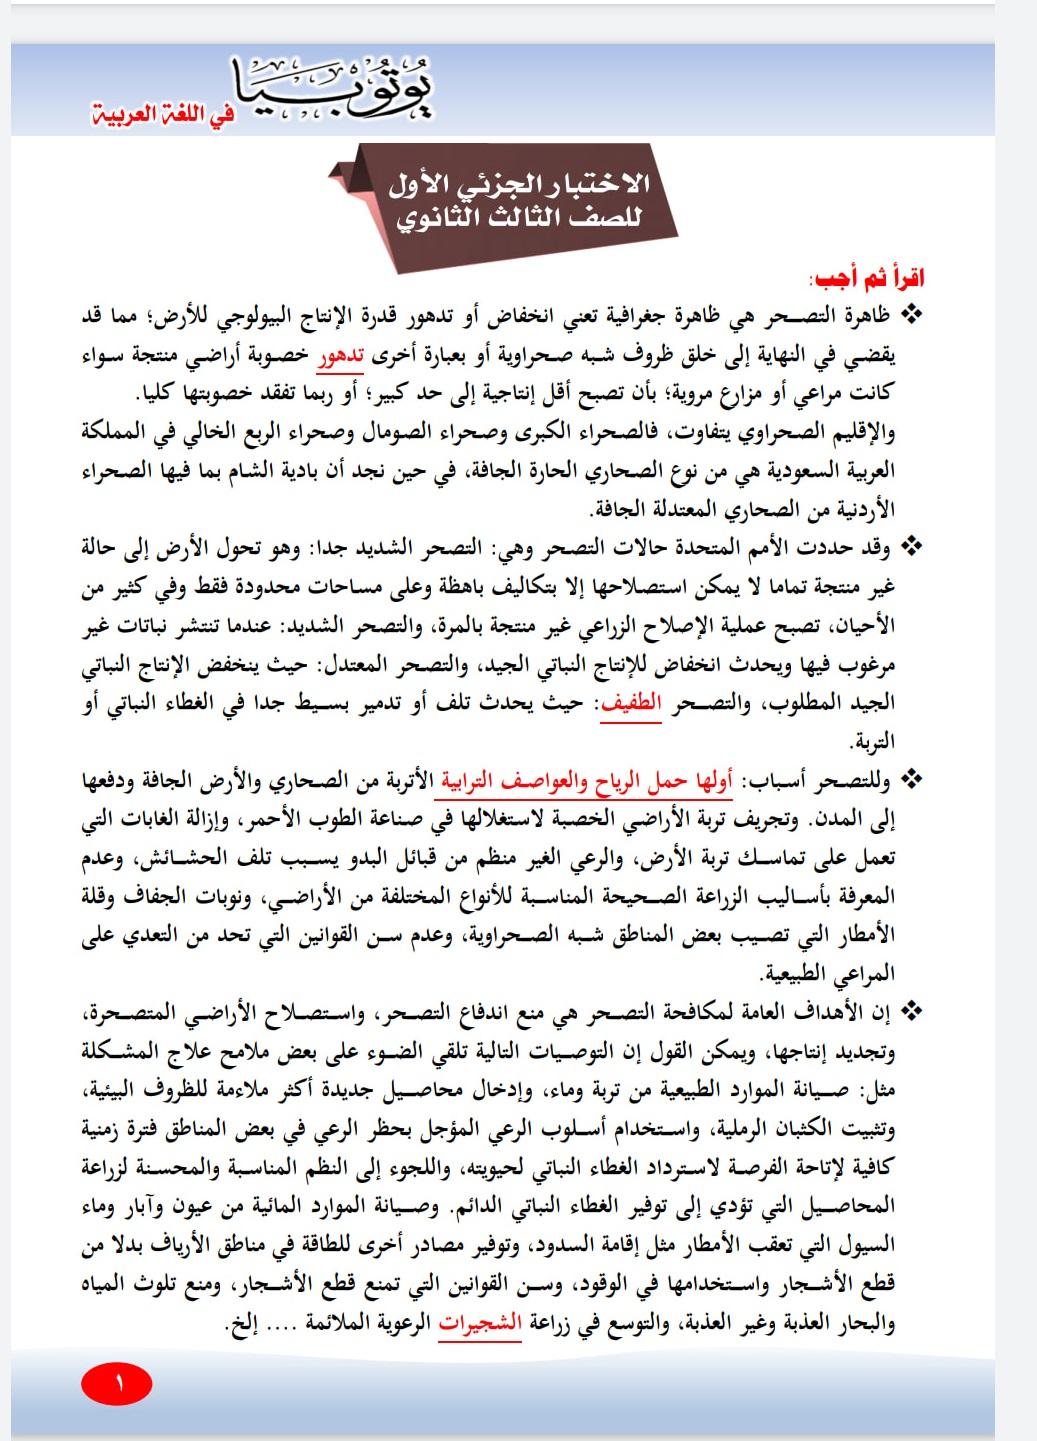 امتحان لغة عربية 3 ثانوي 2021 نظام جديد 1